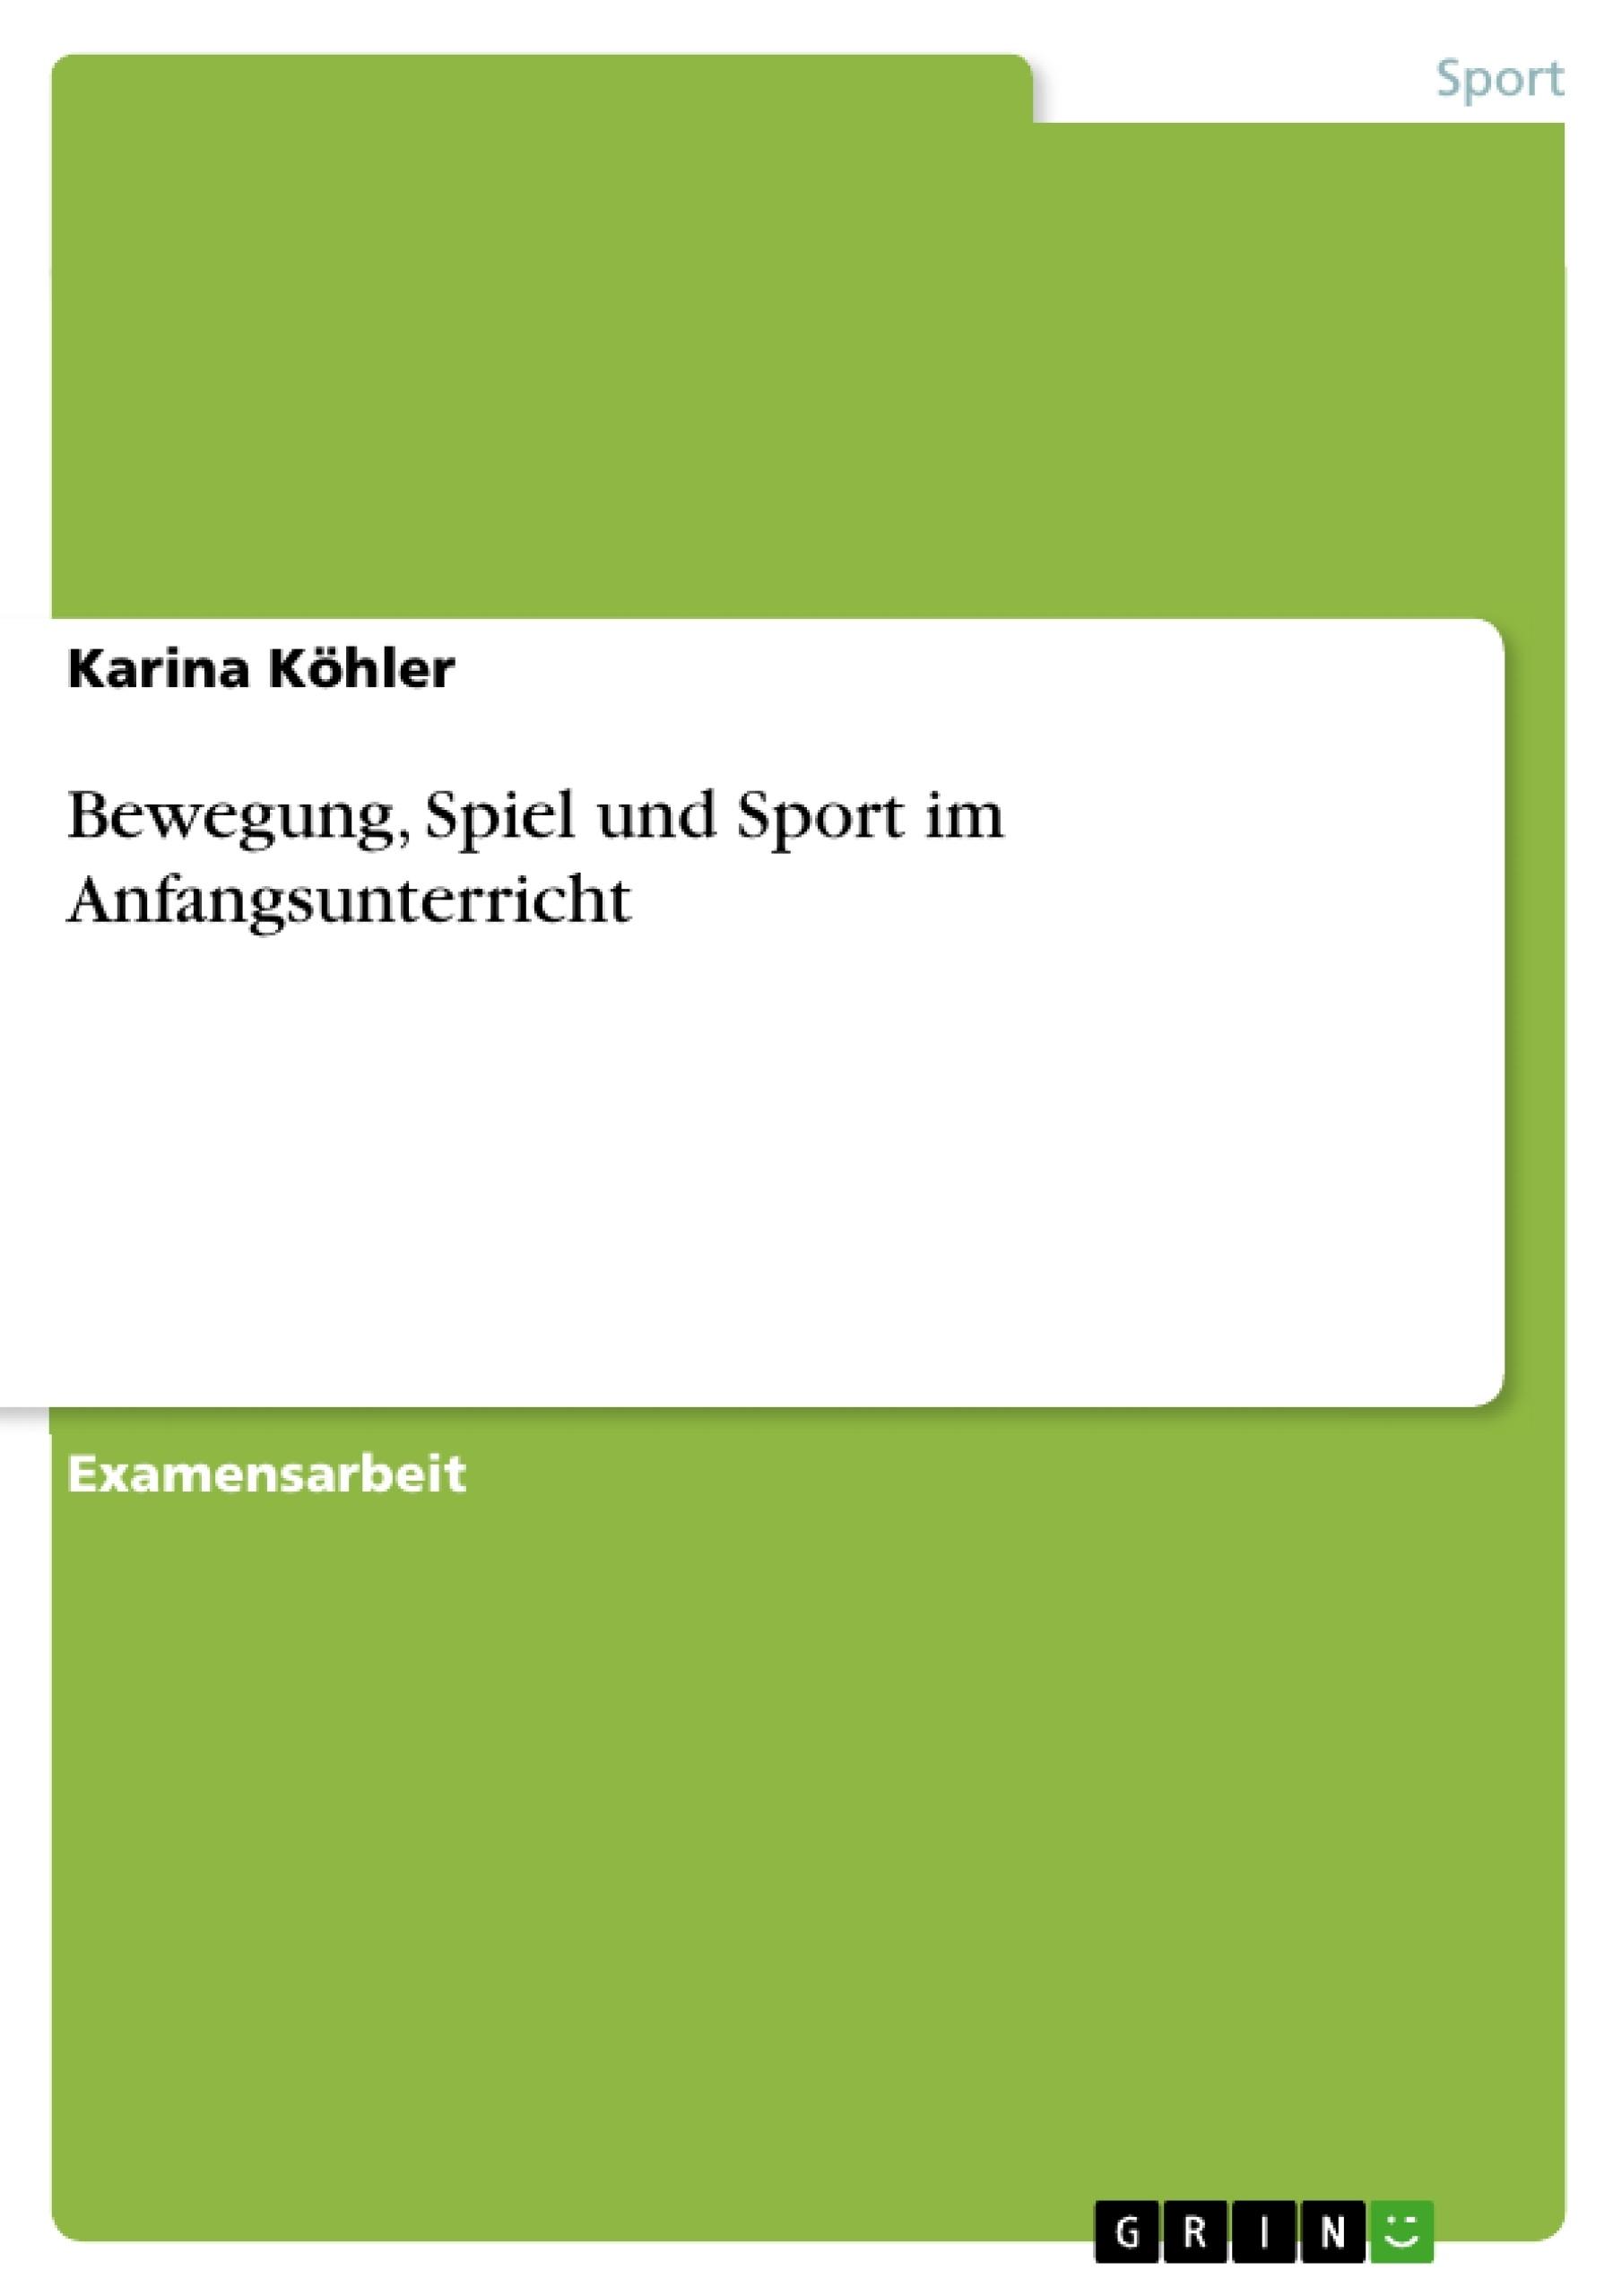 Titel: Bewegung, Spiel und Sport im Anfangsunterricht